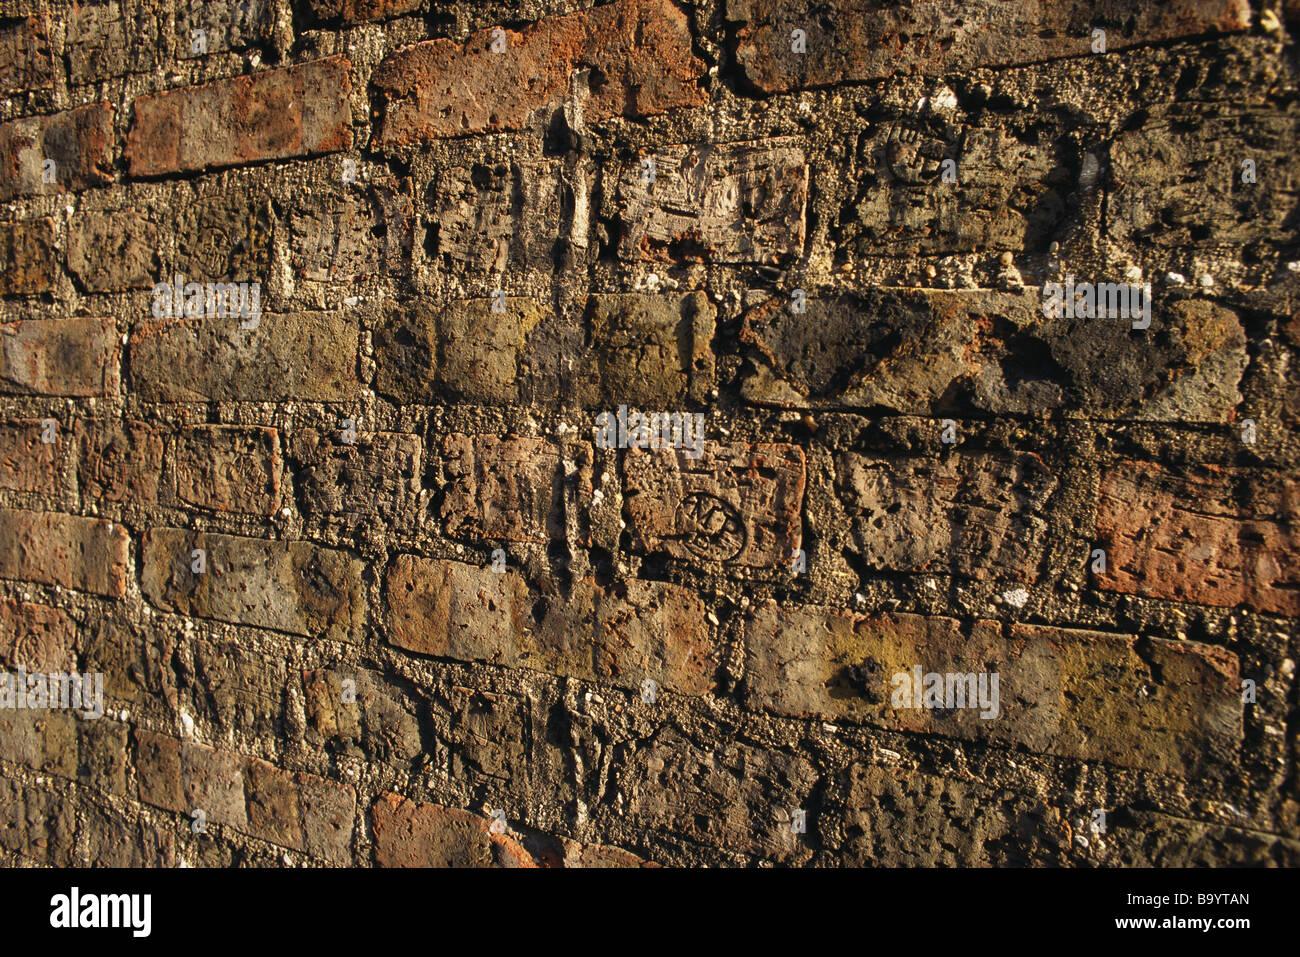 Brick wall, close-up - Stock Image